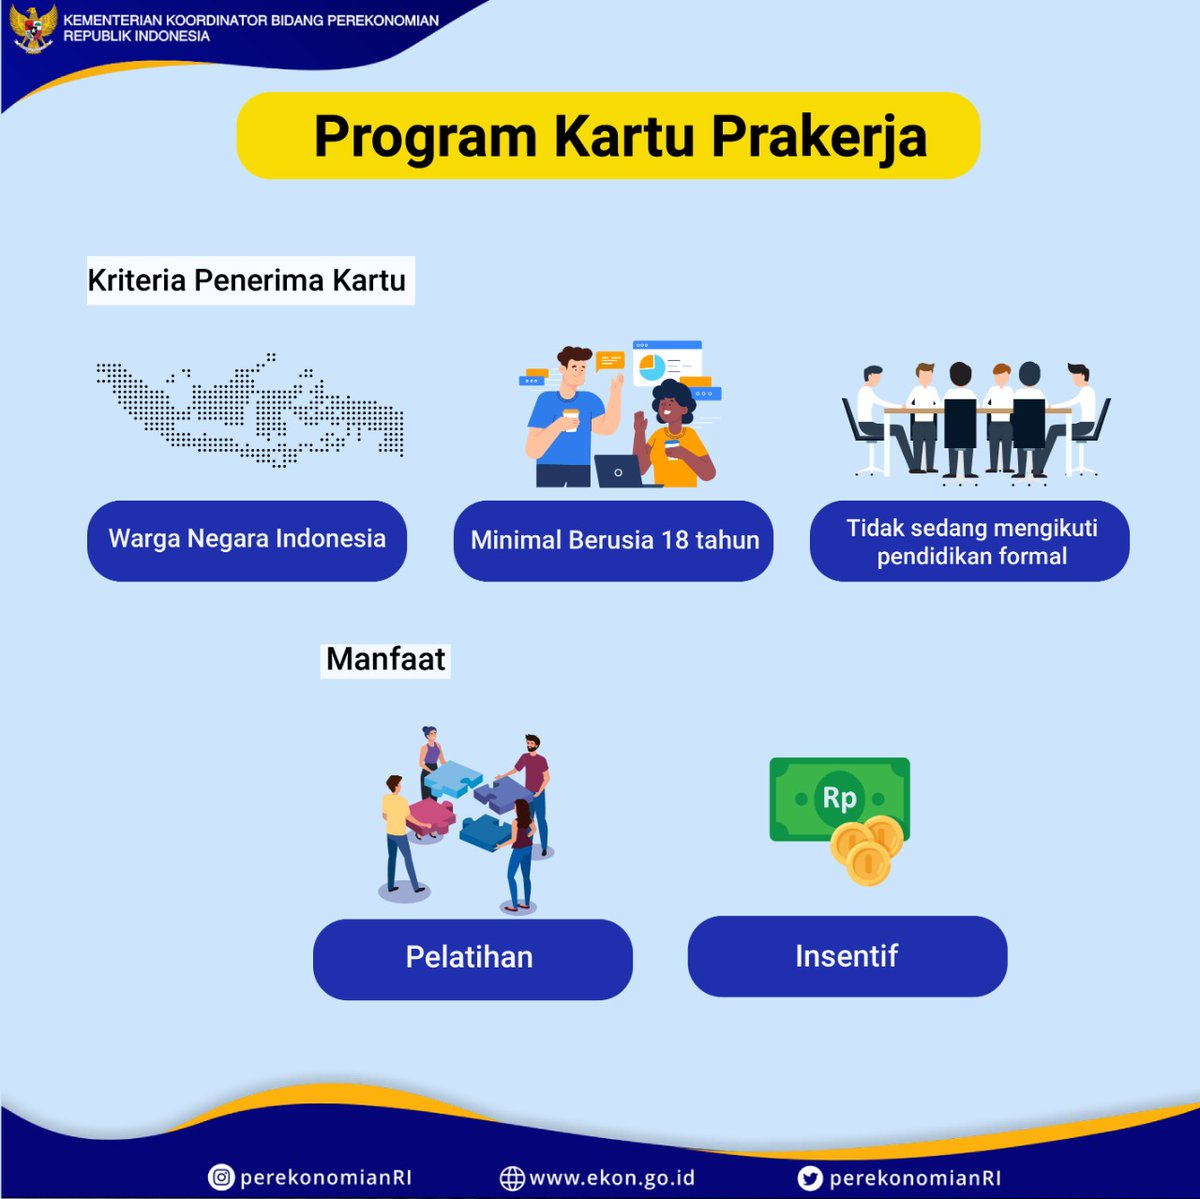 Pemerintah Percepat Implementasi Kartu Prakerja